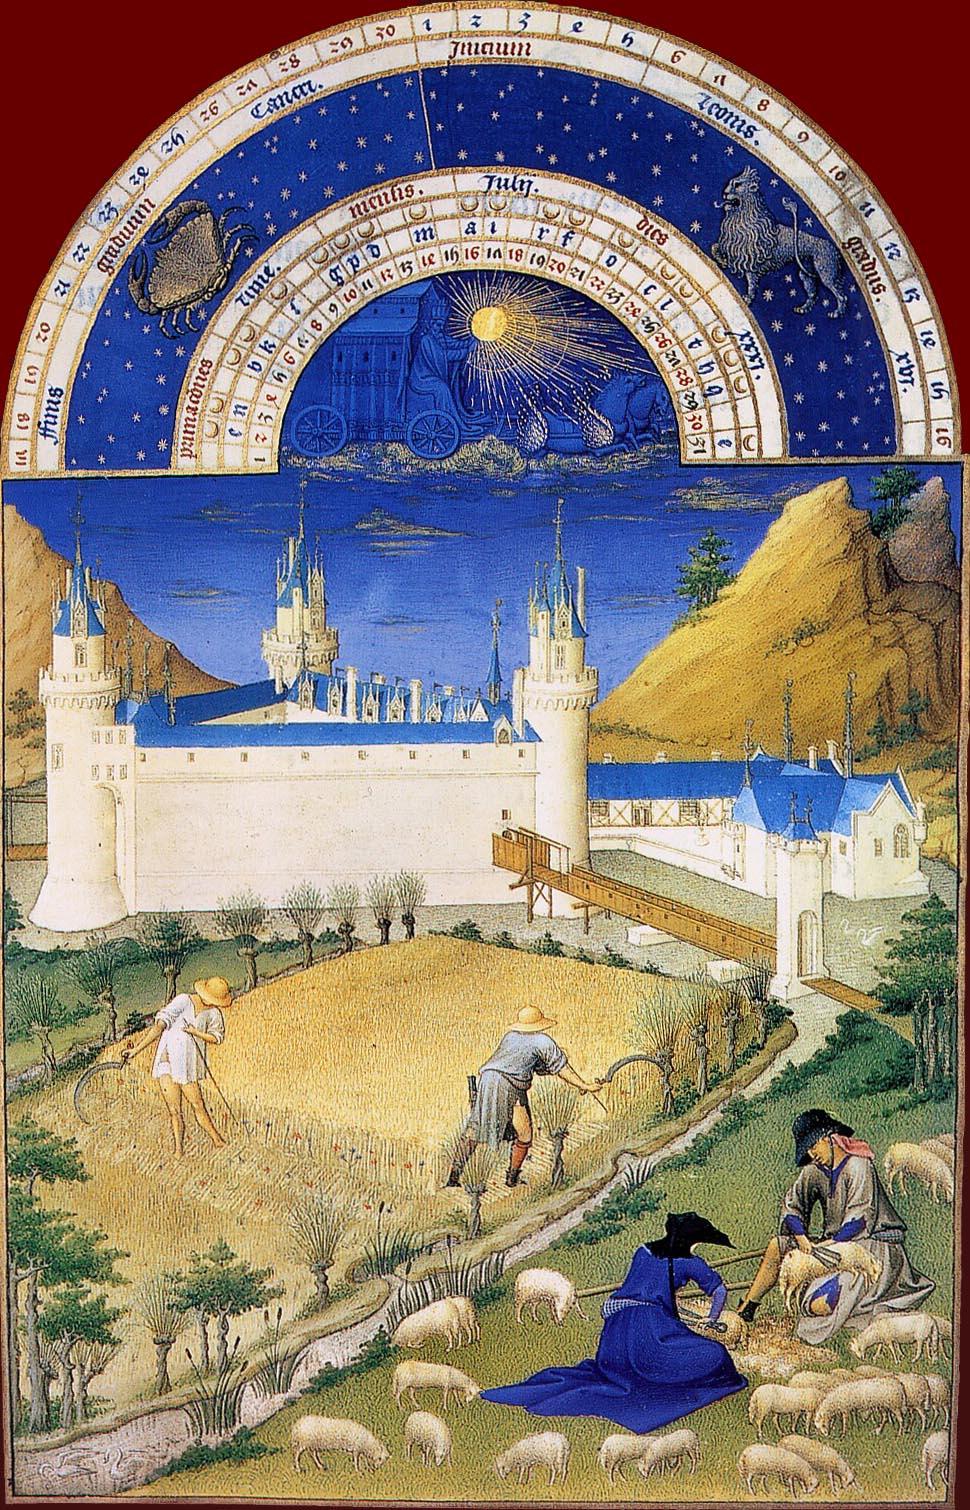 Les Très Riches Heures du duc de Berry, le mois de juillet (enluminure des frères de Limbourg, XVe siècle, musée Condé, Chantilly)